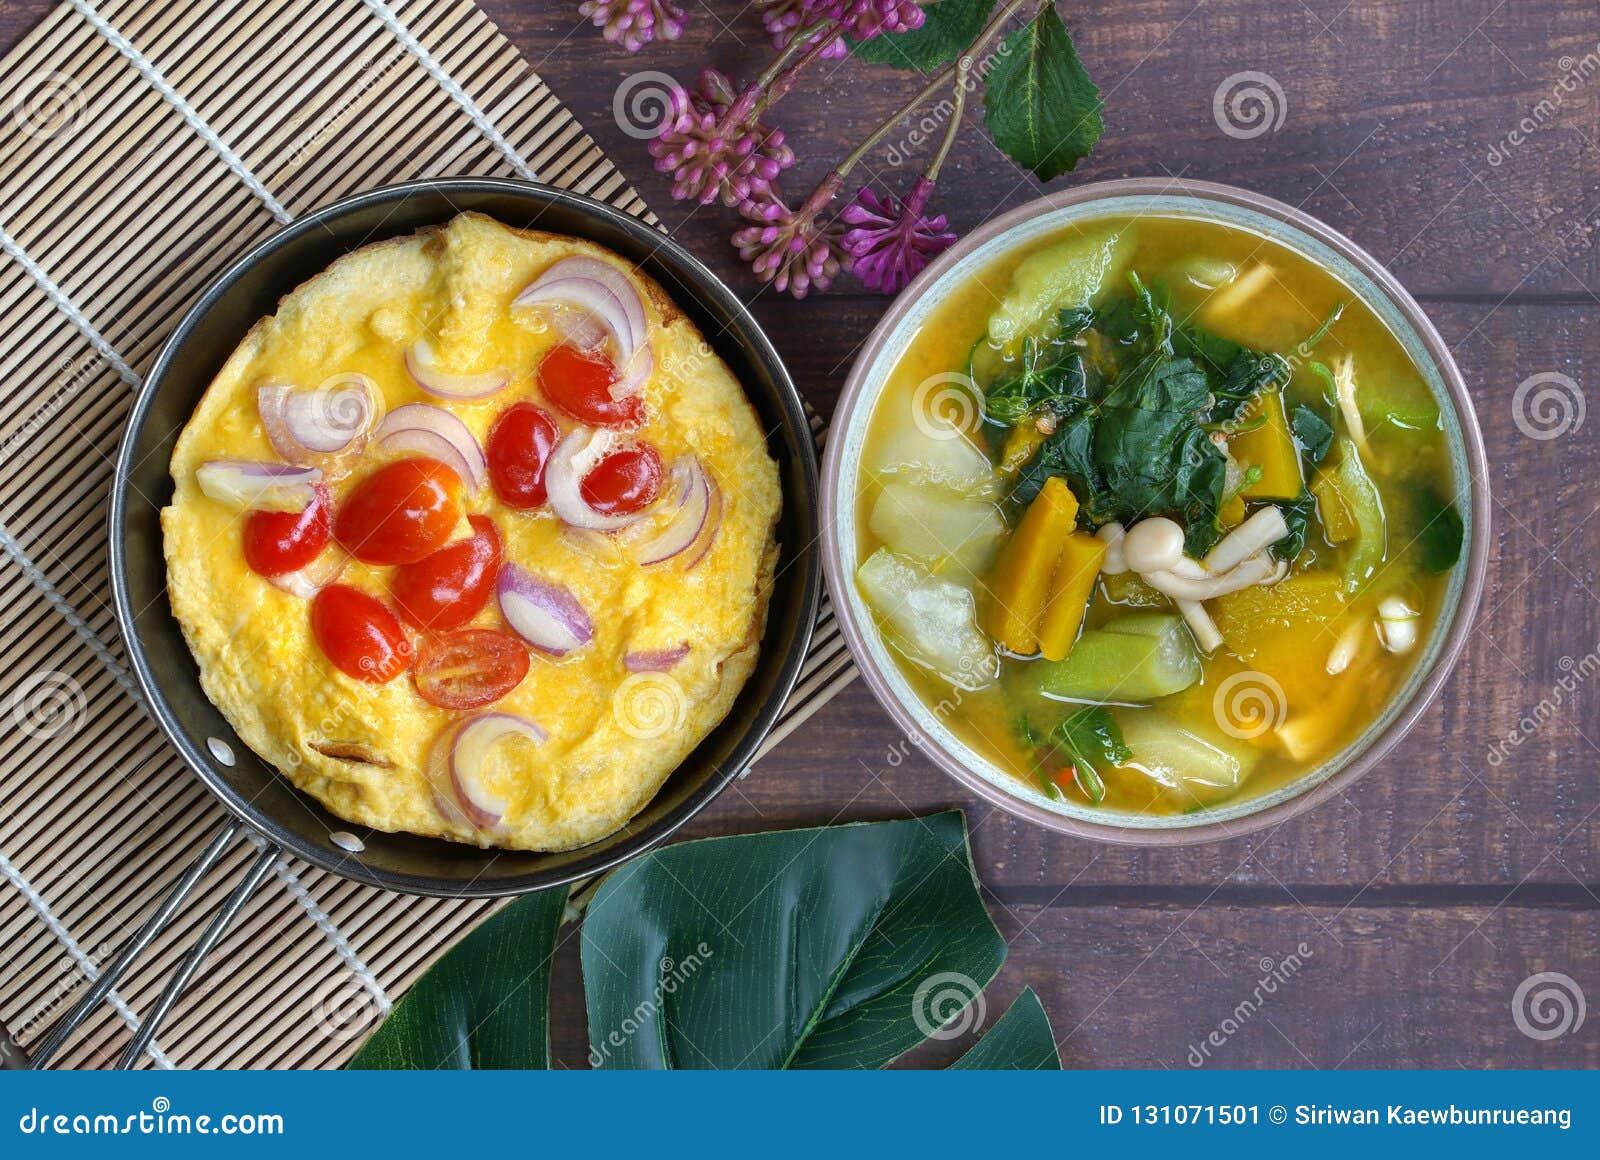 Spiegelei und thailändischer Gemüsecurry, Kang-leang, gesetzt auf hölzernes tabl